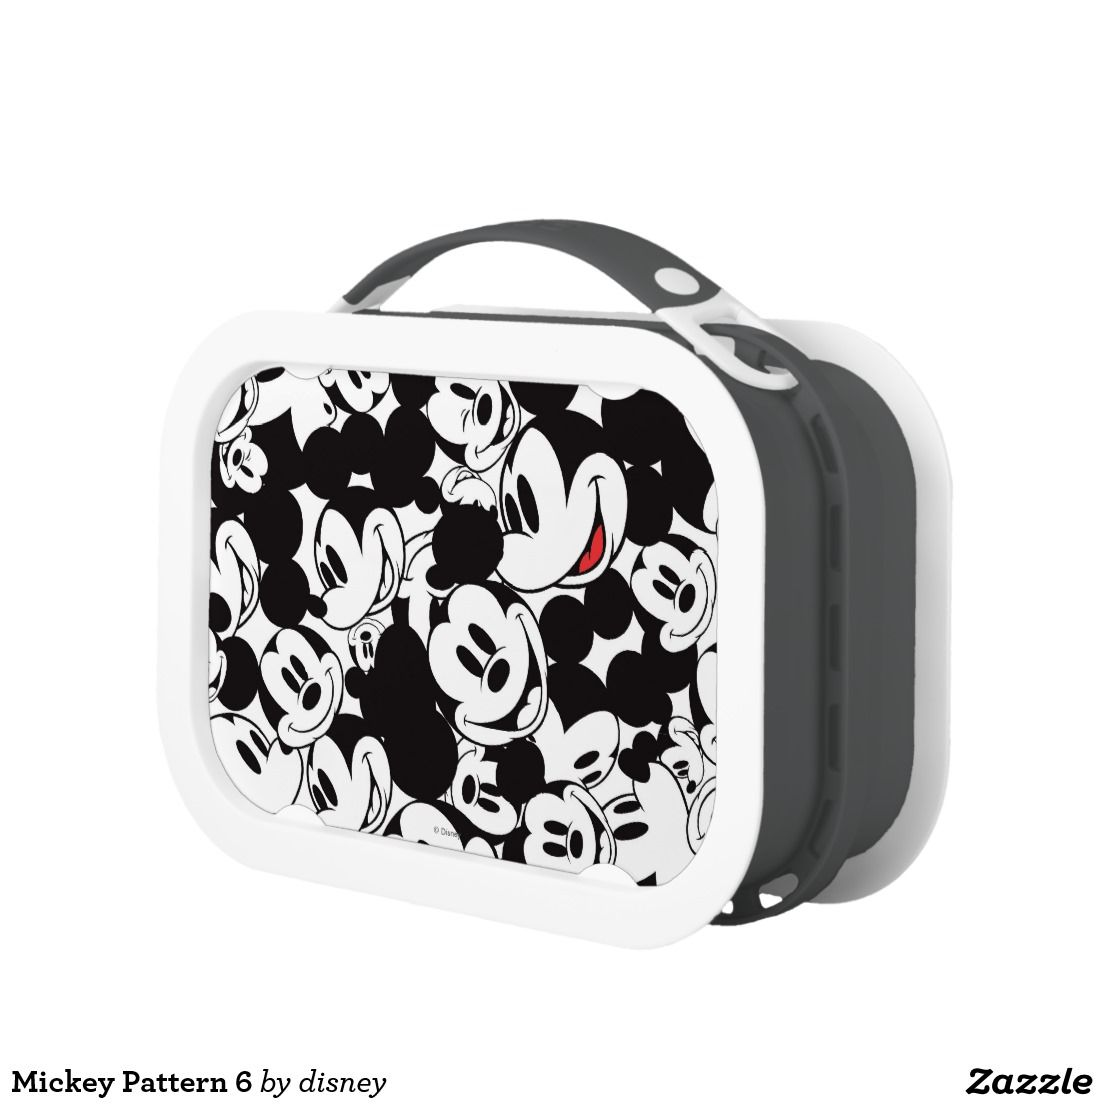 Mickey Pattern 6 Yubo Lunch Box